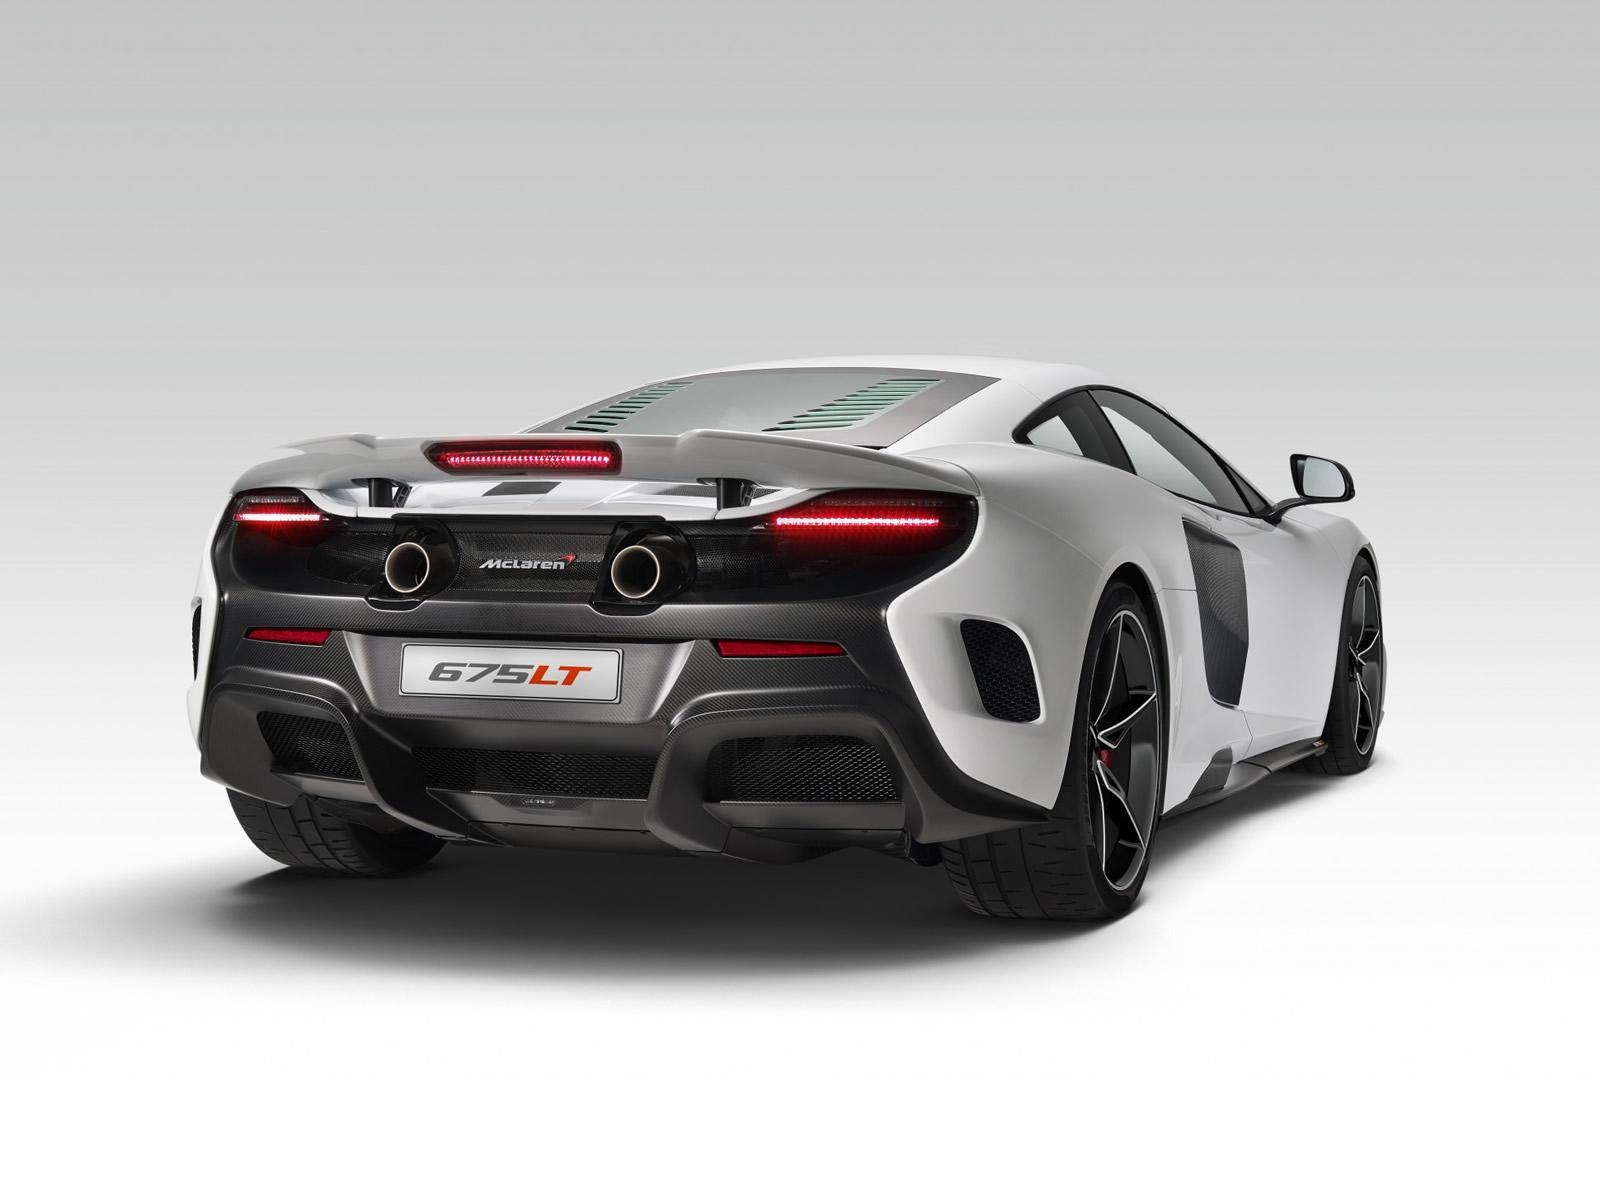 Salone di Ginevra 2015: le auto più belle